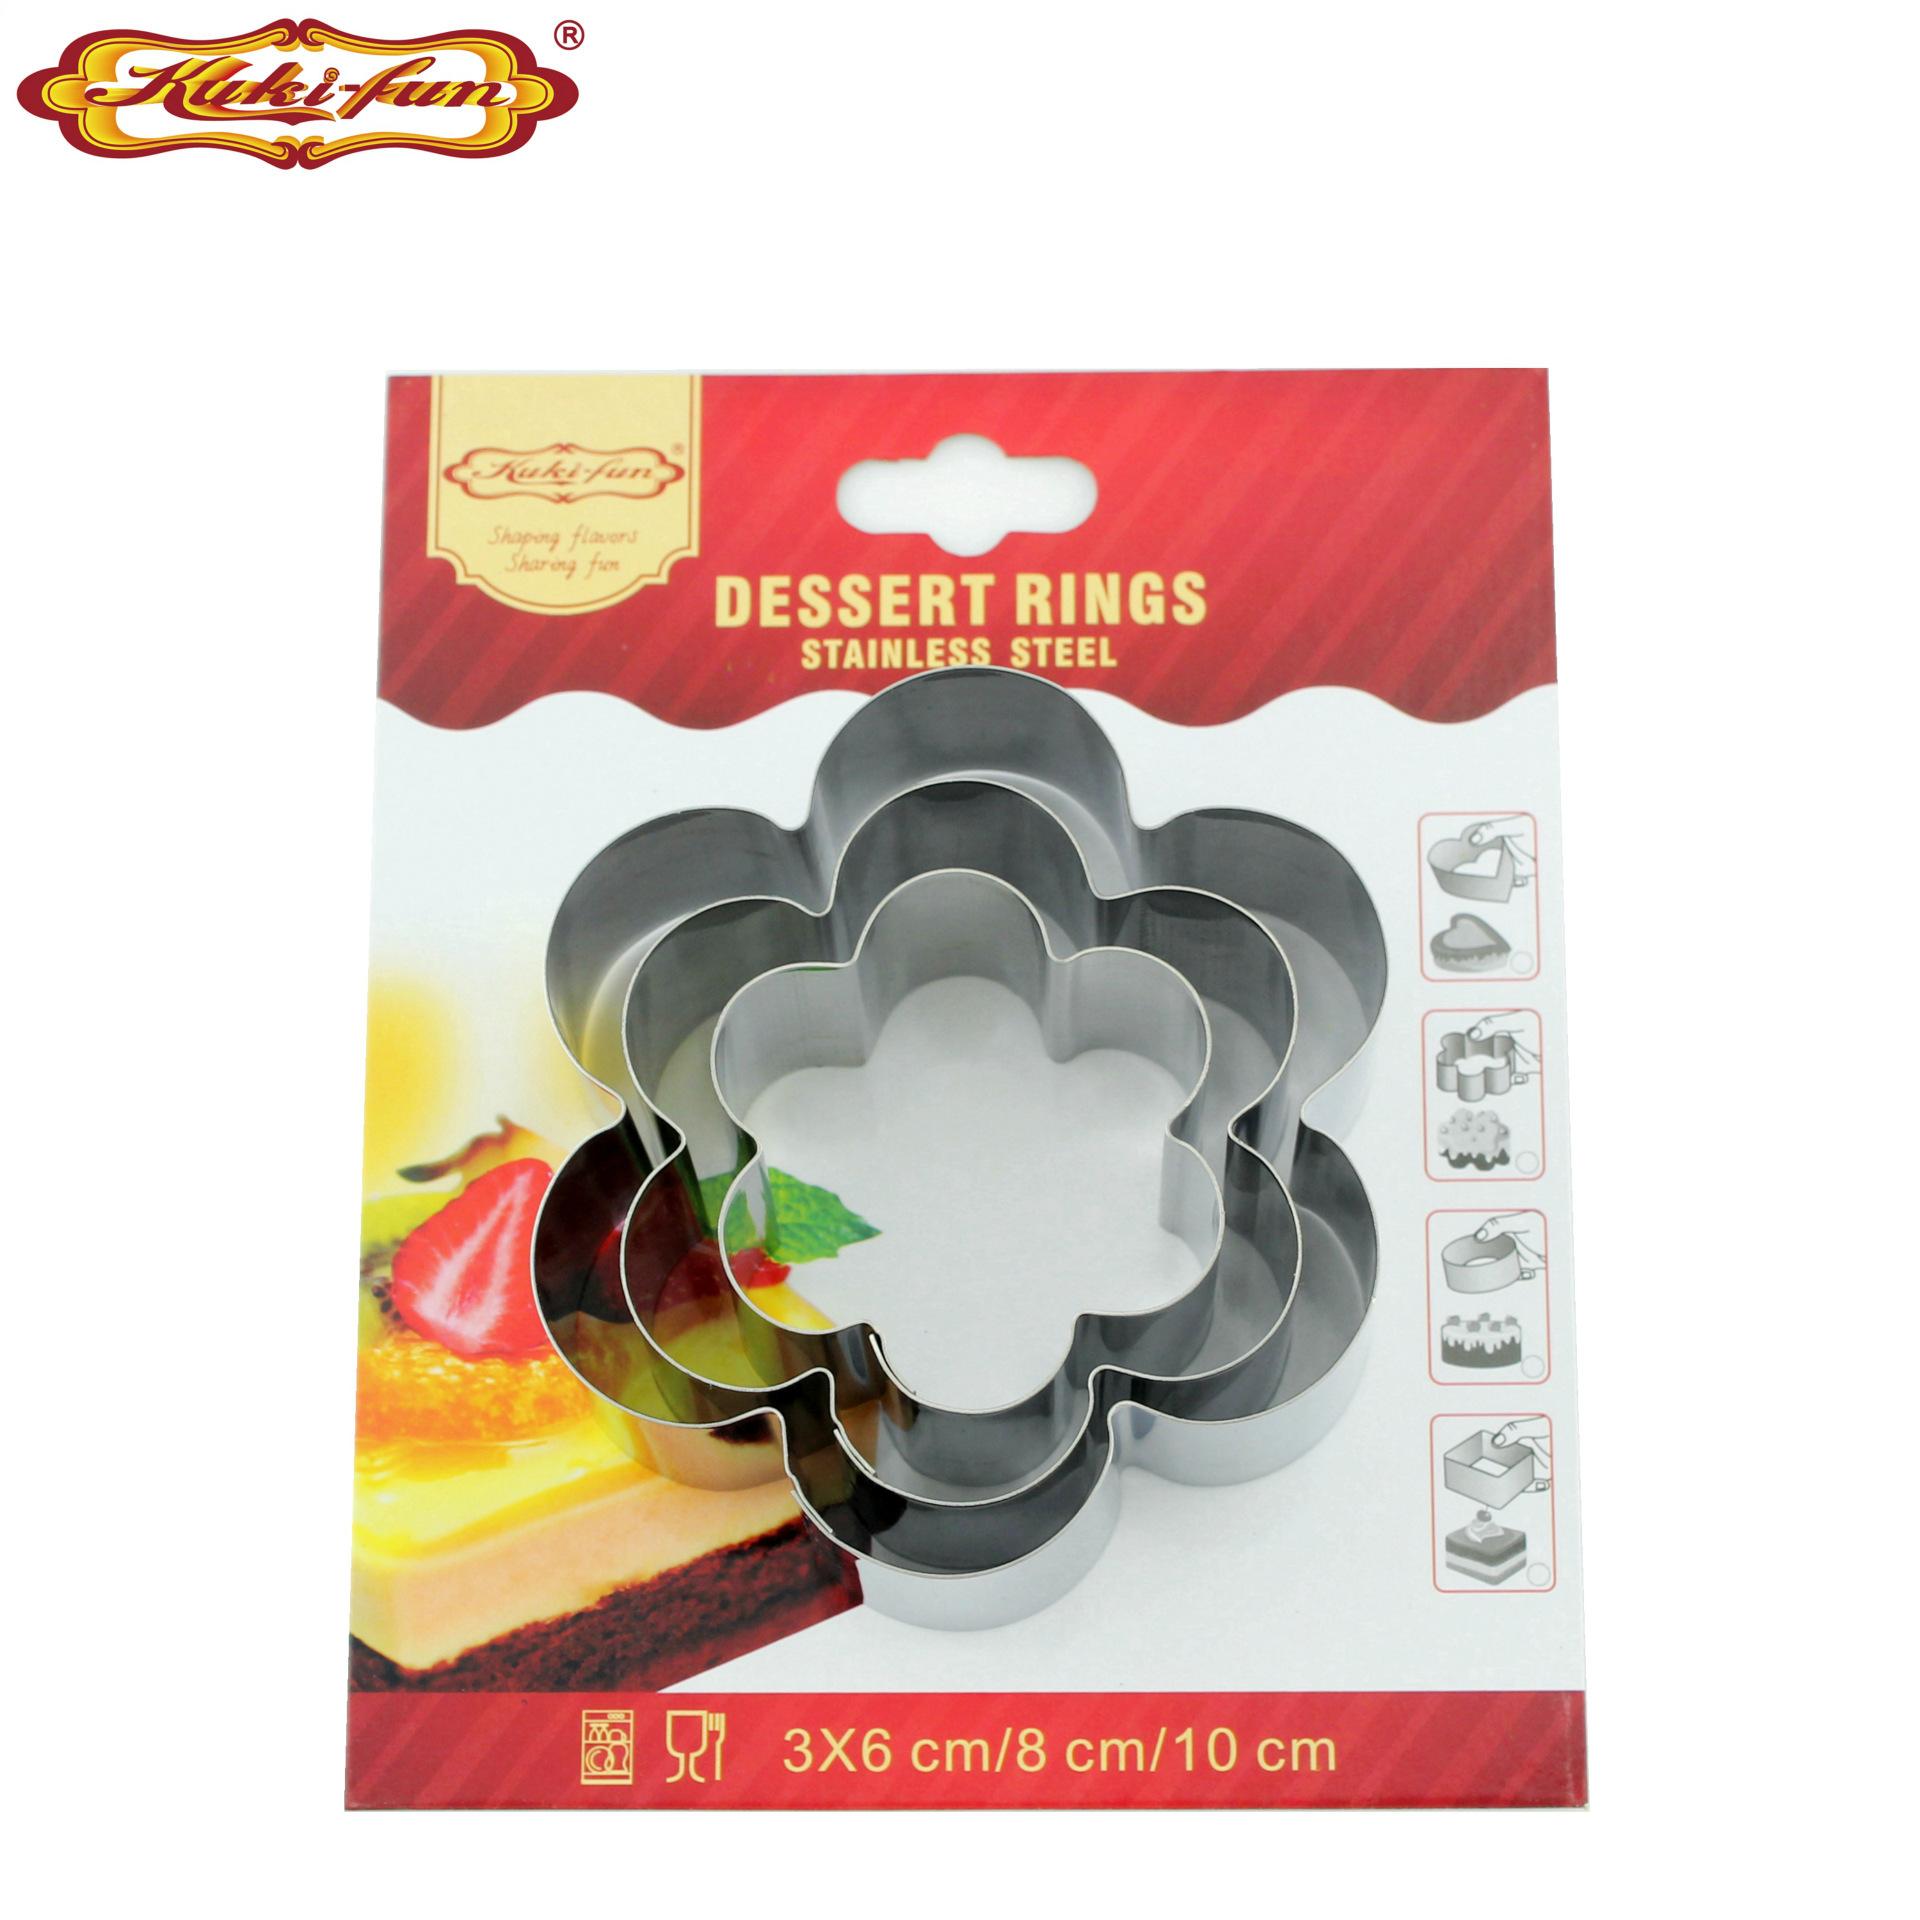 梅花慕斯圈 不锈钢3件套蛋糕圈 加厚烘焙DIY食物水果模具